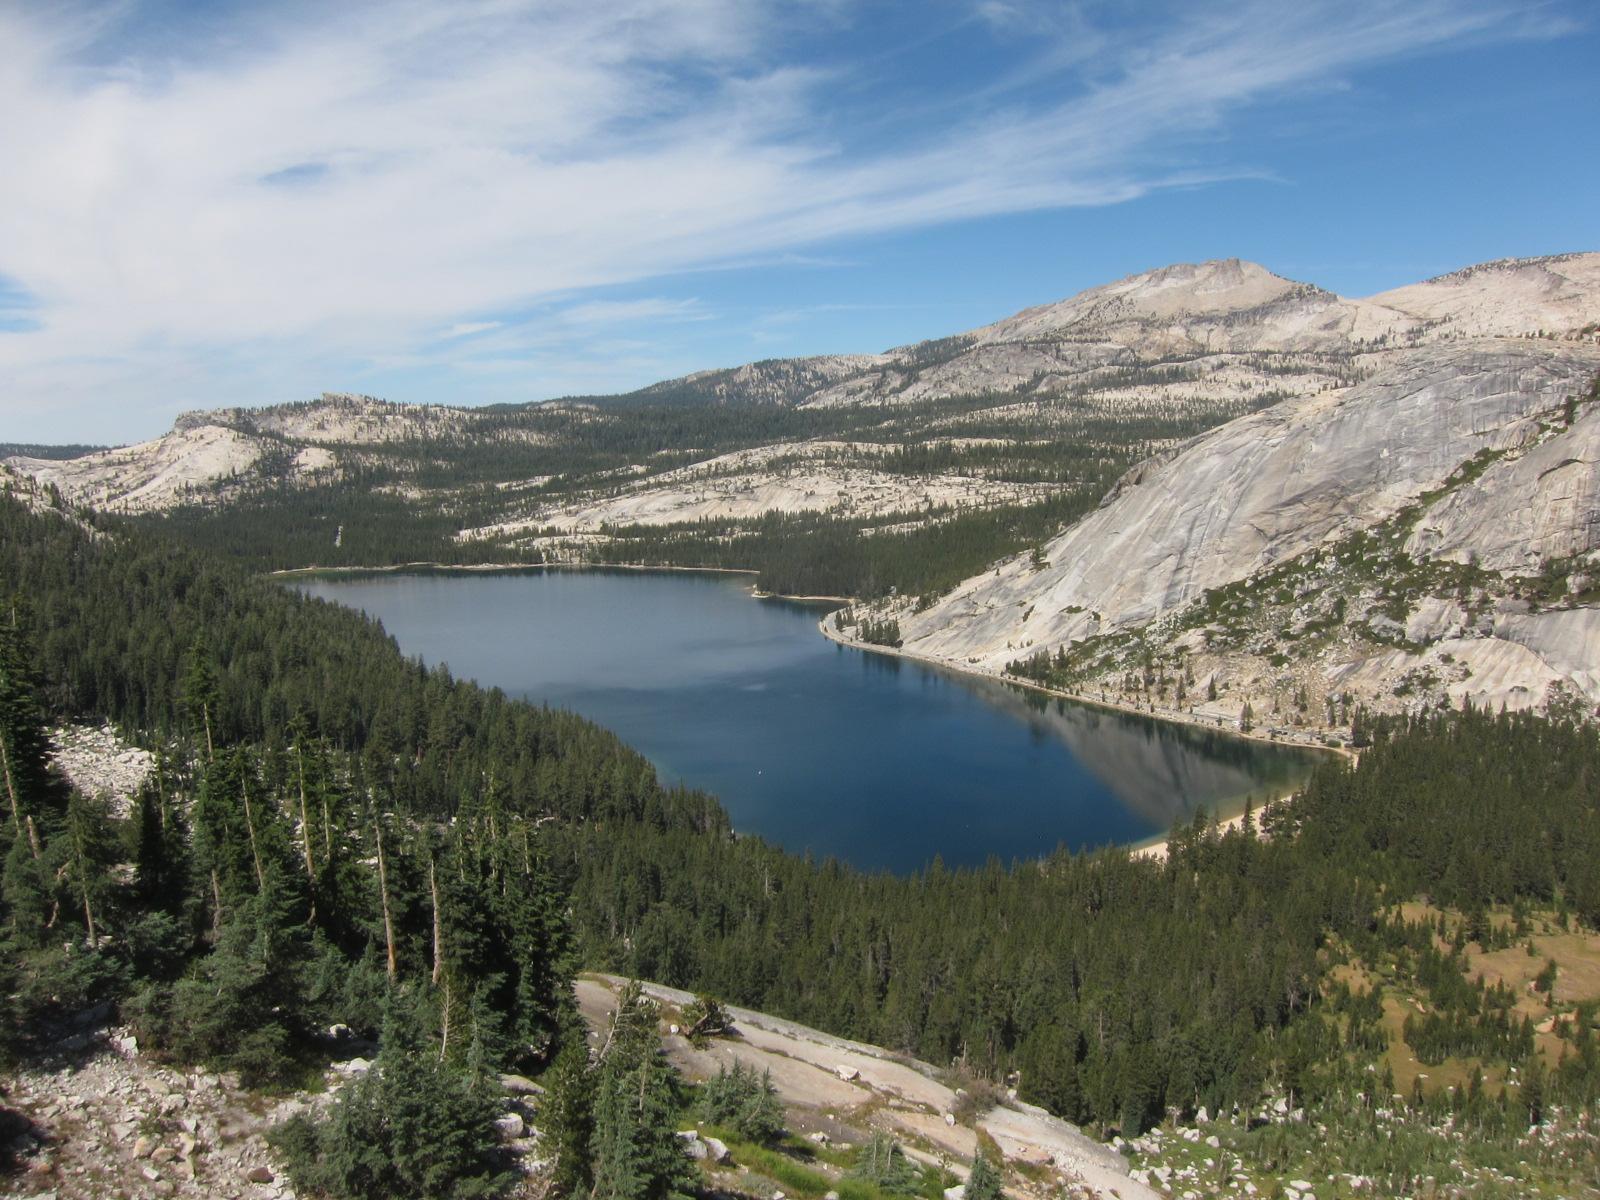 So much granite, Yosemite National Park